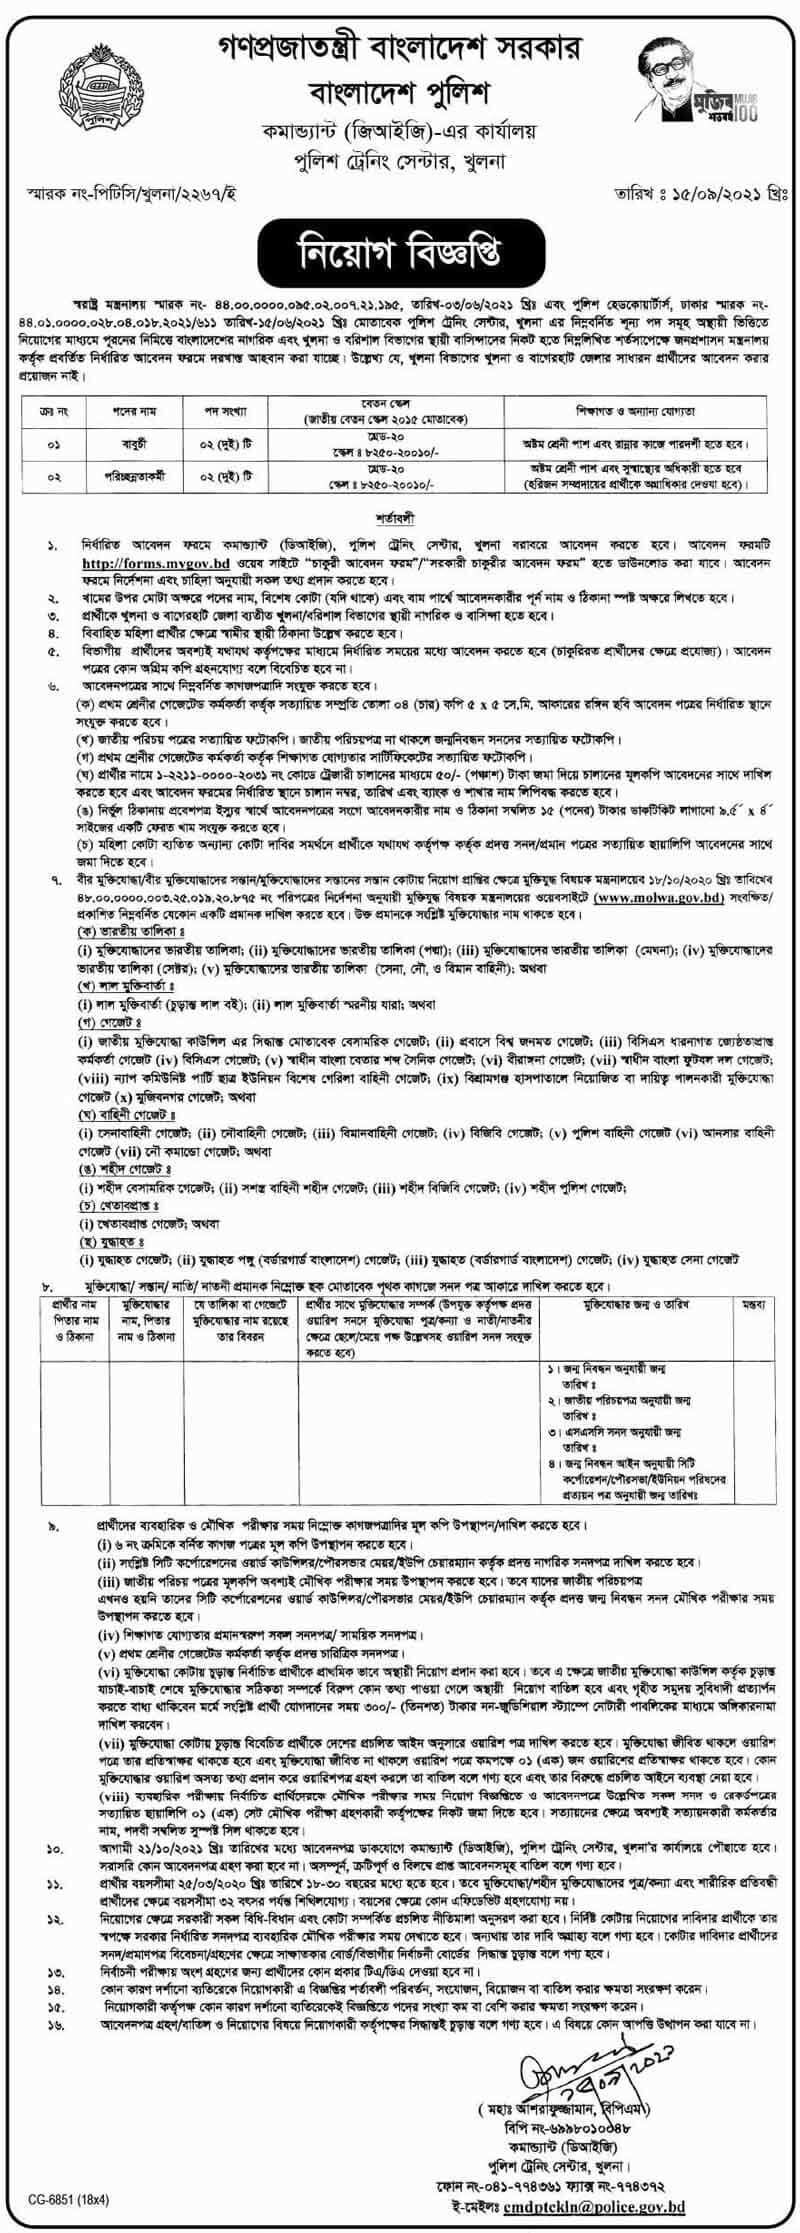 Bangladesh Police Job Circular image 2021